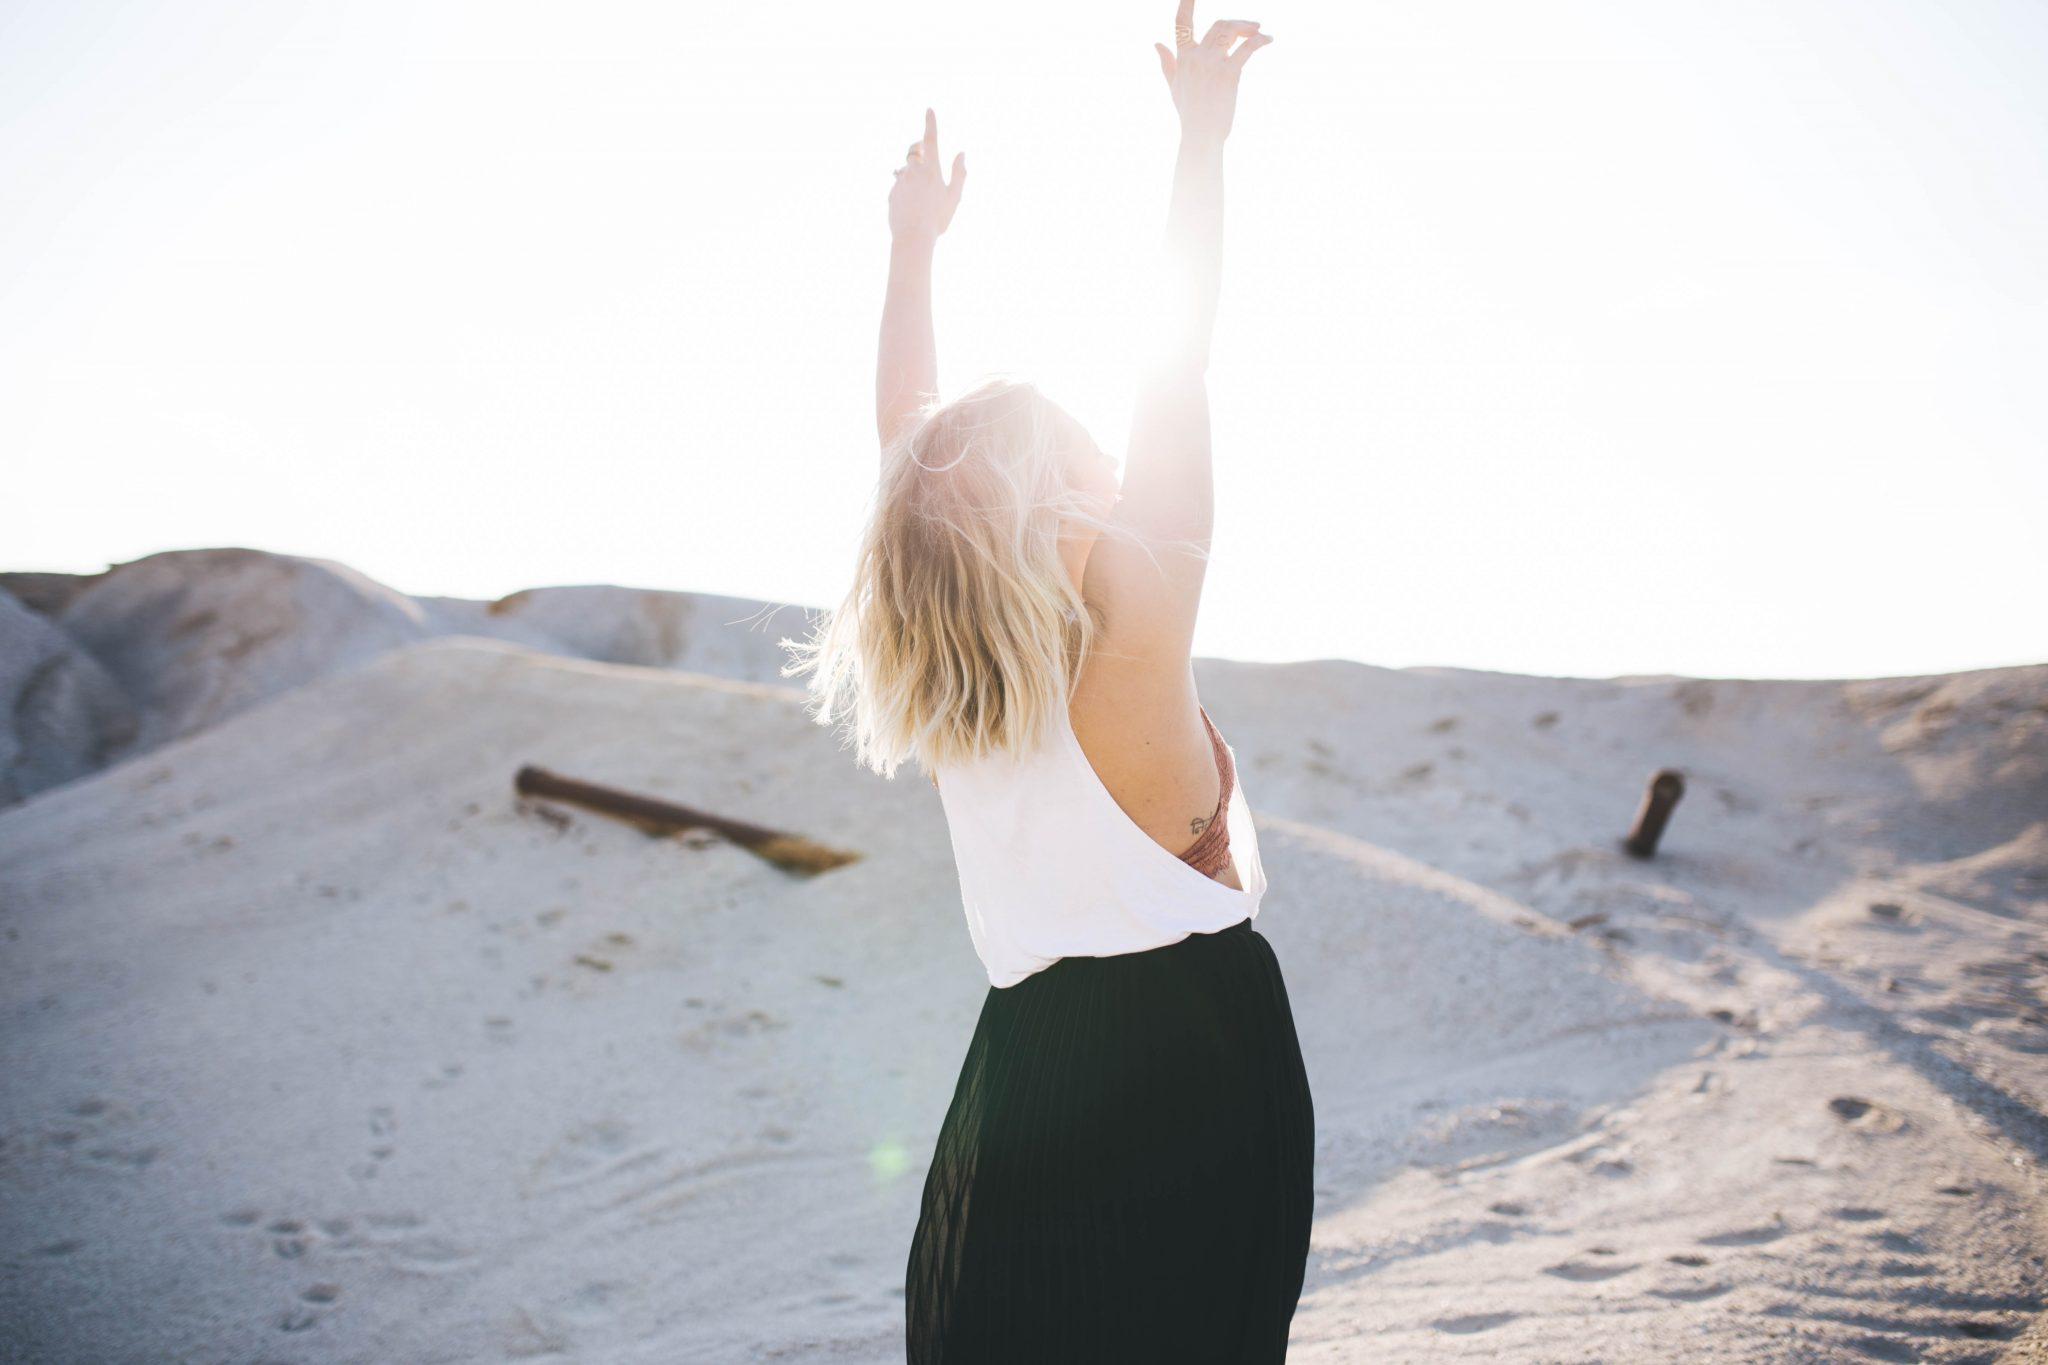 Wil je stress goed leren hanteren en burn-out voorkomen, je piekergedachten de baas blijven, je veerkracht vergroten en je productiviteit optimaliseren?